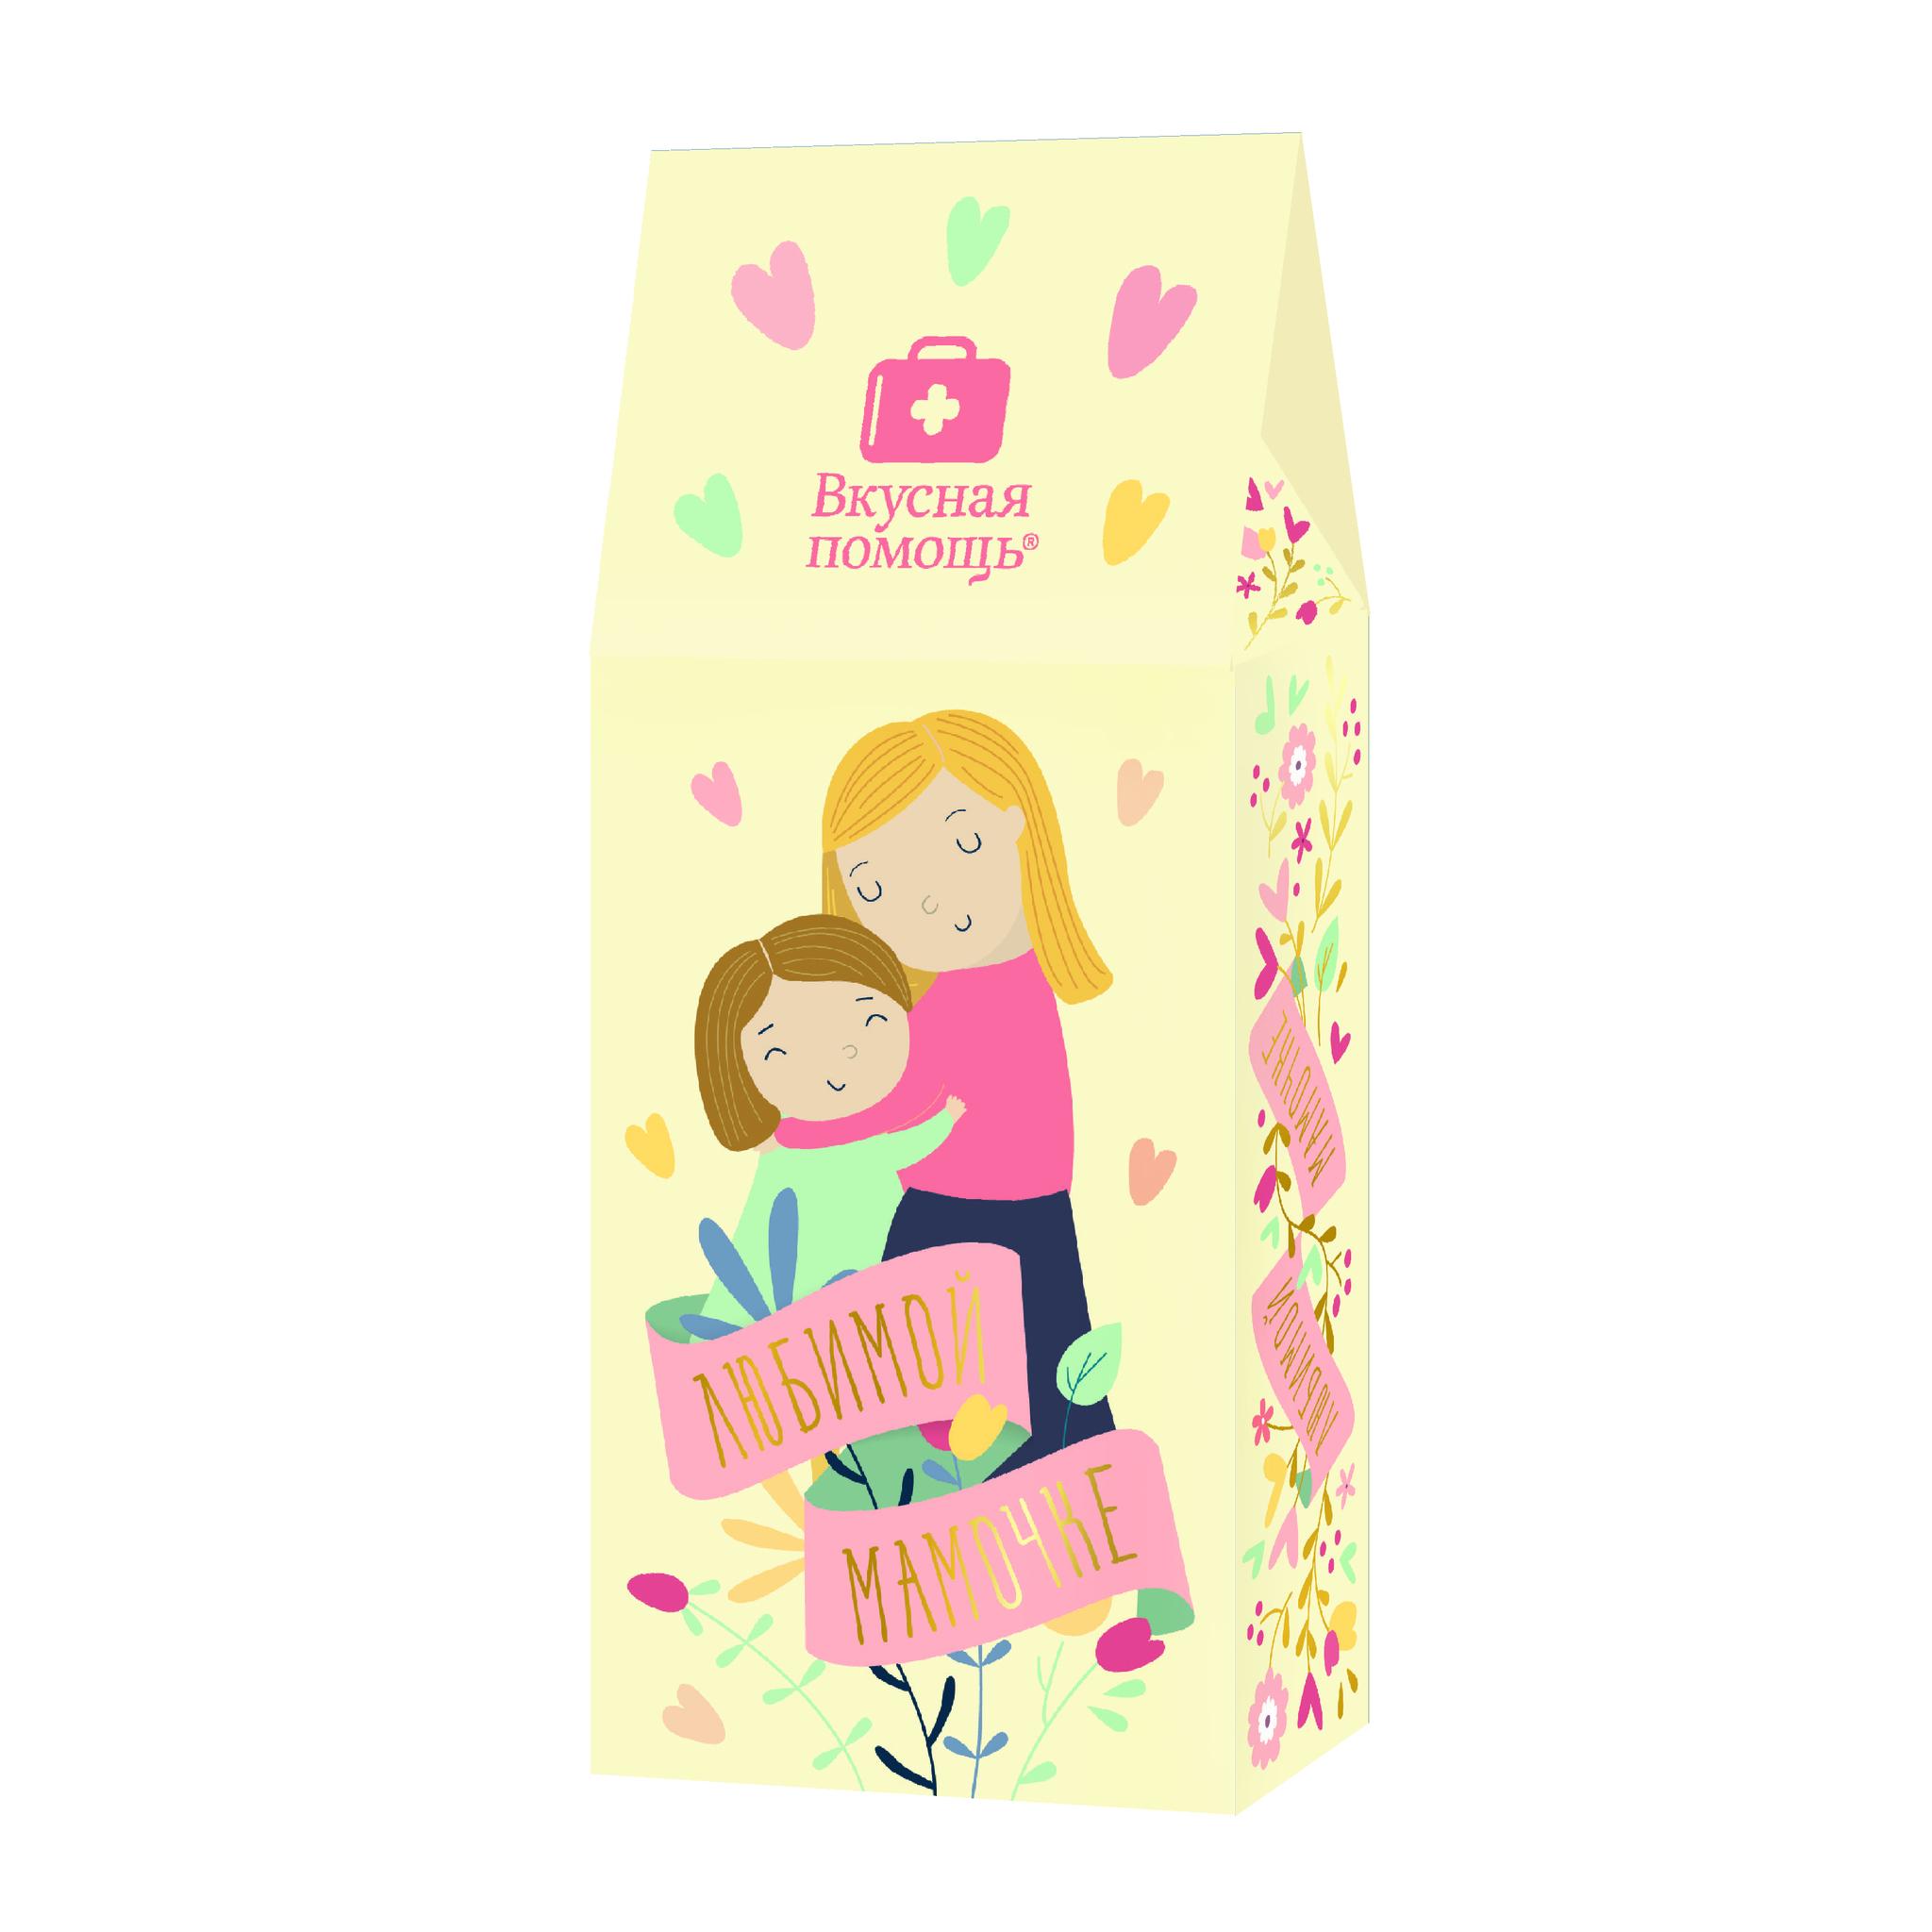 Чай «Любимой мамочке» 50 грЧай<br>Кому подарить: самому родному и любимому человеку - маме.<br>Упаковка и дизайн: коробка из экологичного картона<br>Что внутри:Чай Малина с мятой.<br>Вес: 50 гр.<br>